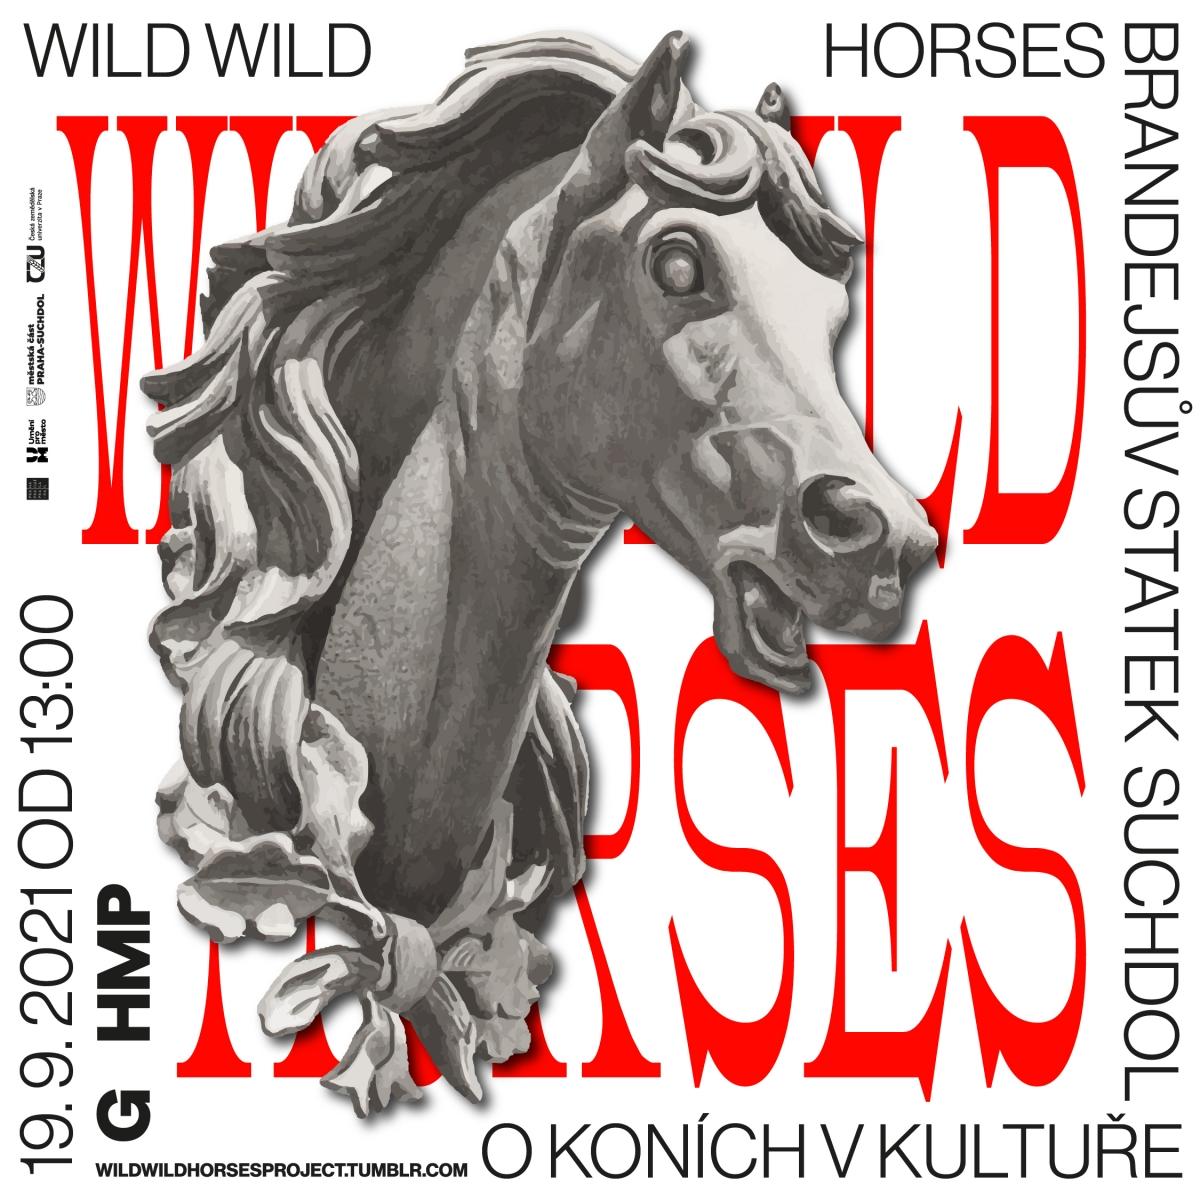 TriangulUM 2021 - Vladimír Turner: Wild Wild Horses